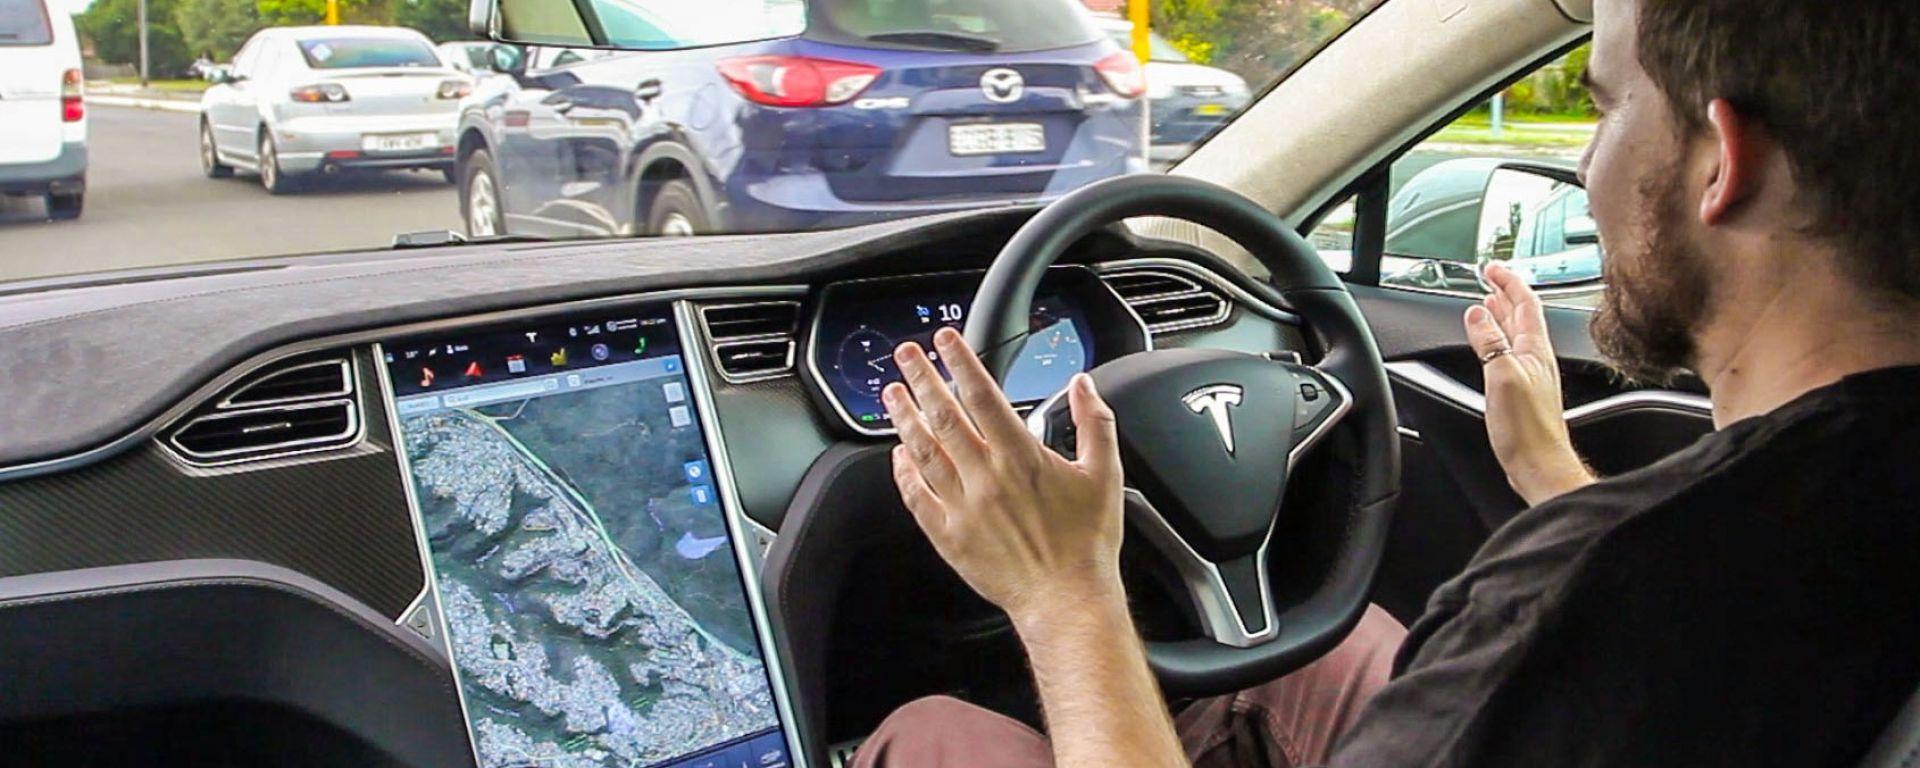 Sogno o fantasia quella di Elon Musk?